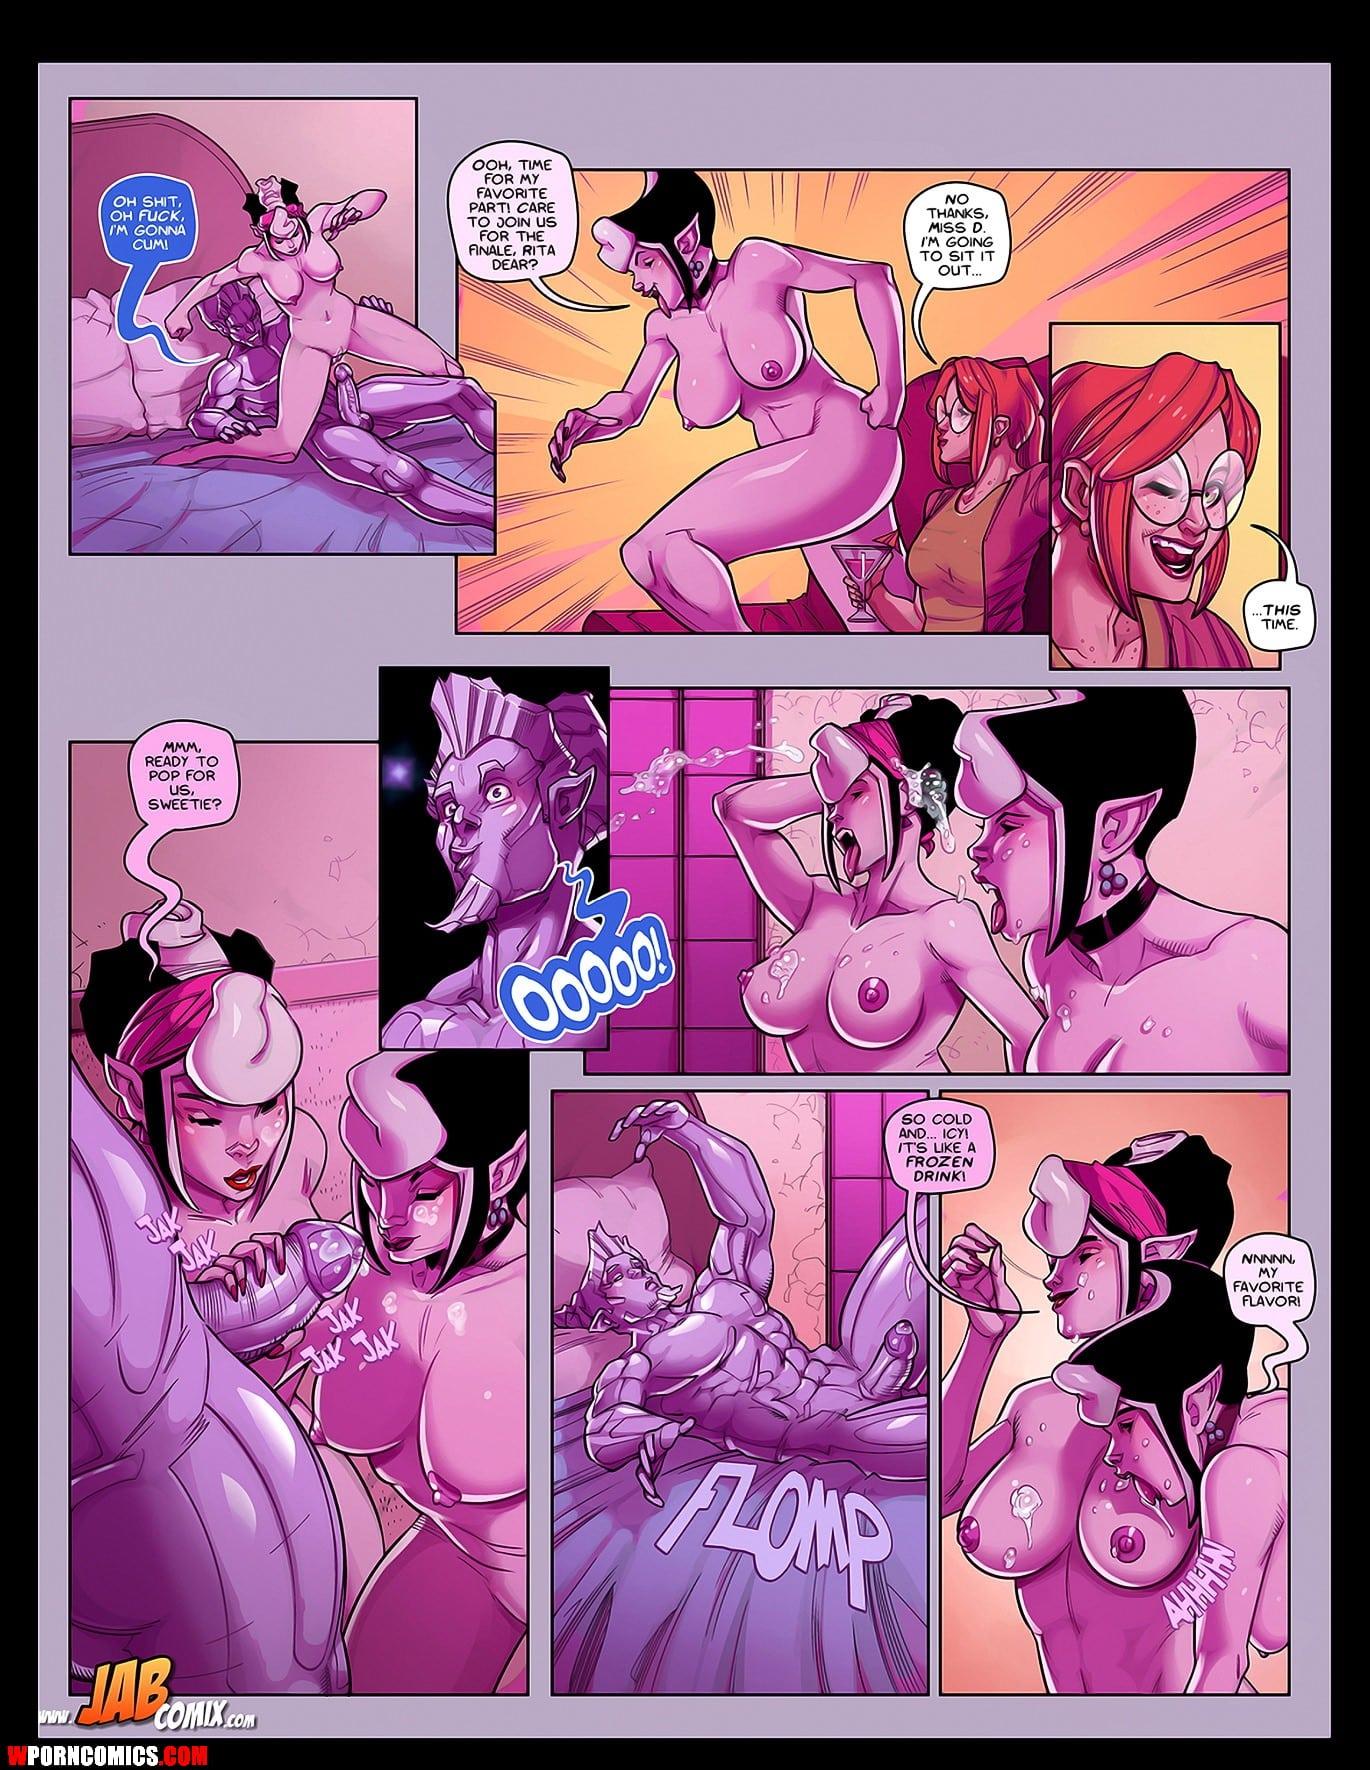 porn-comic-the-creepies-part-4-2020-02-14/porn-comic-the-creepies-part-4-2020-02-14-22208.jpg